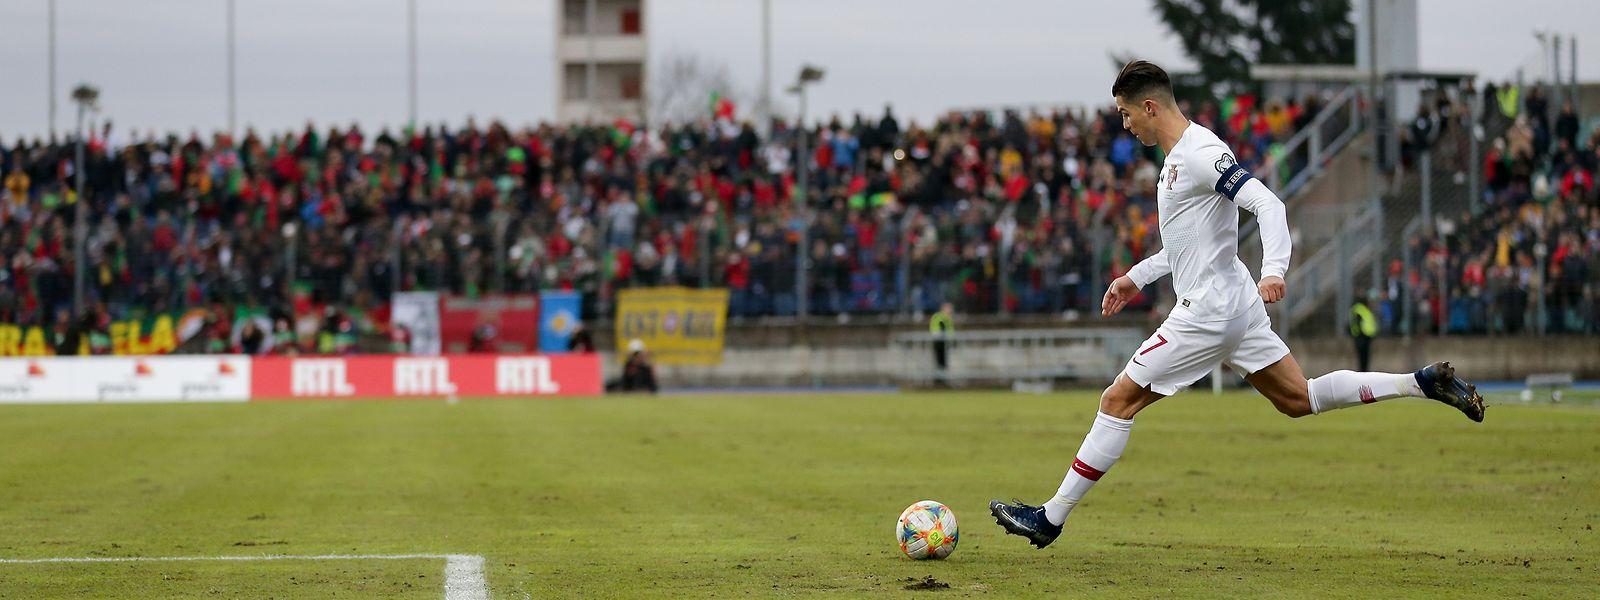 Zuletzt war Cristiano Ronaldo im November 2019 im Stade Josy Barthel zu Gast. Damals hatte er das Spielfeld als Kartoffelacker bezeichnet.